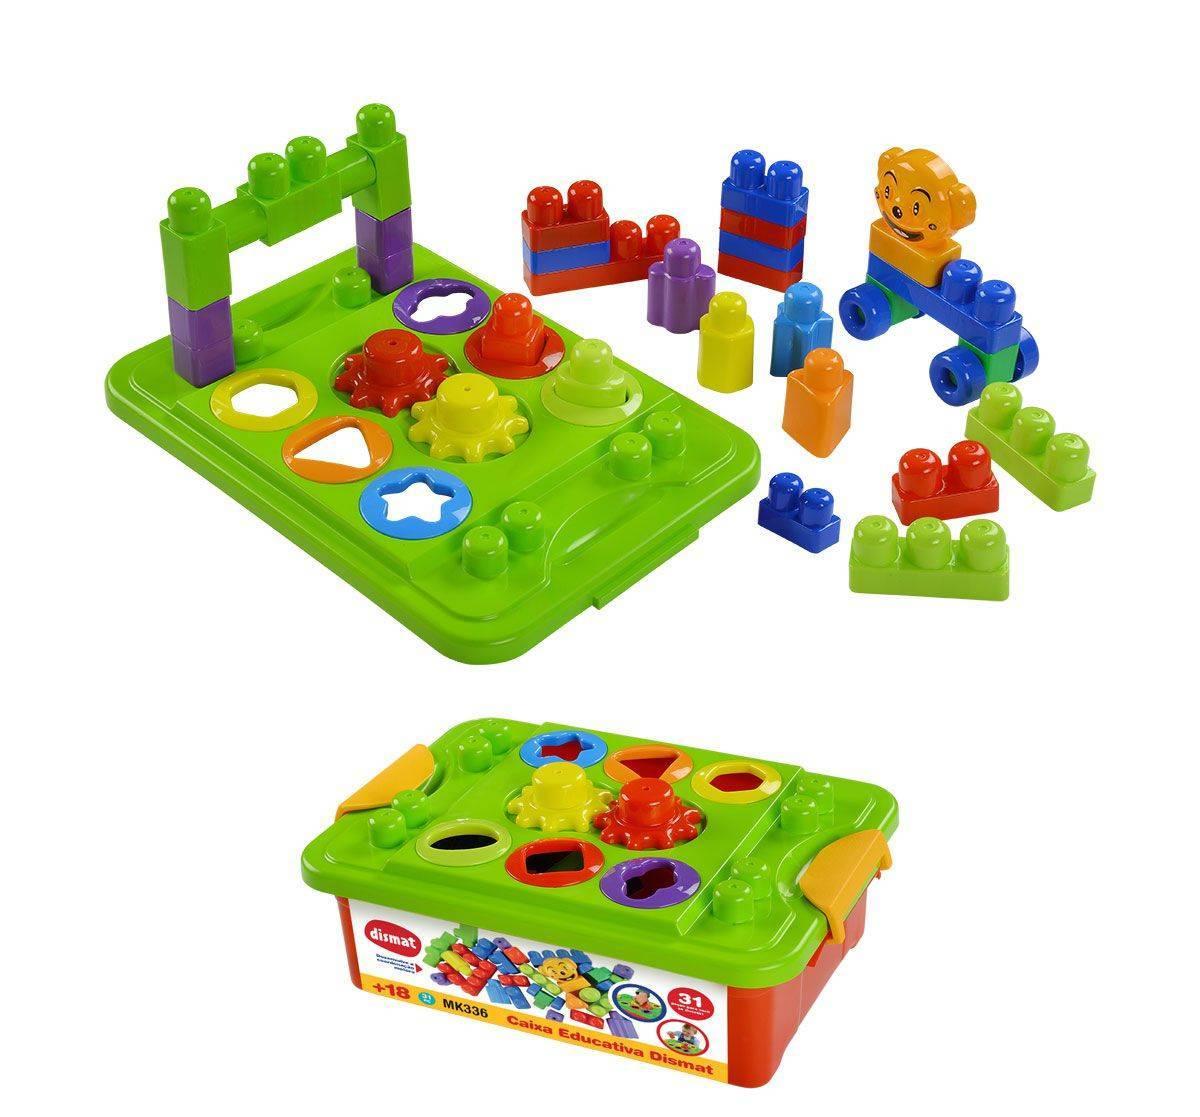 Caixa Educativa  - Dismat MK336 - Noy Brinquedos